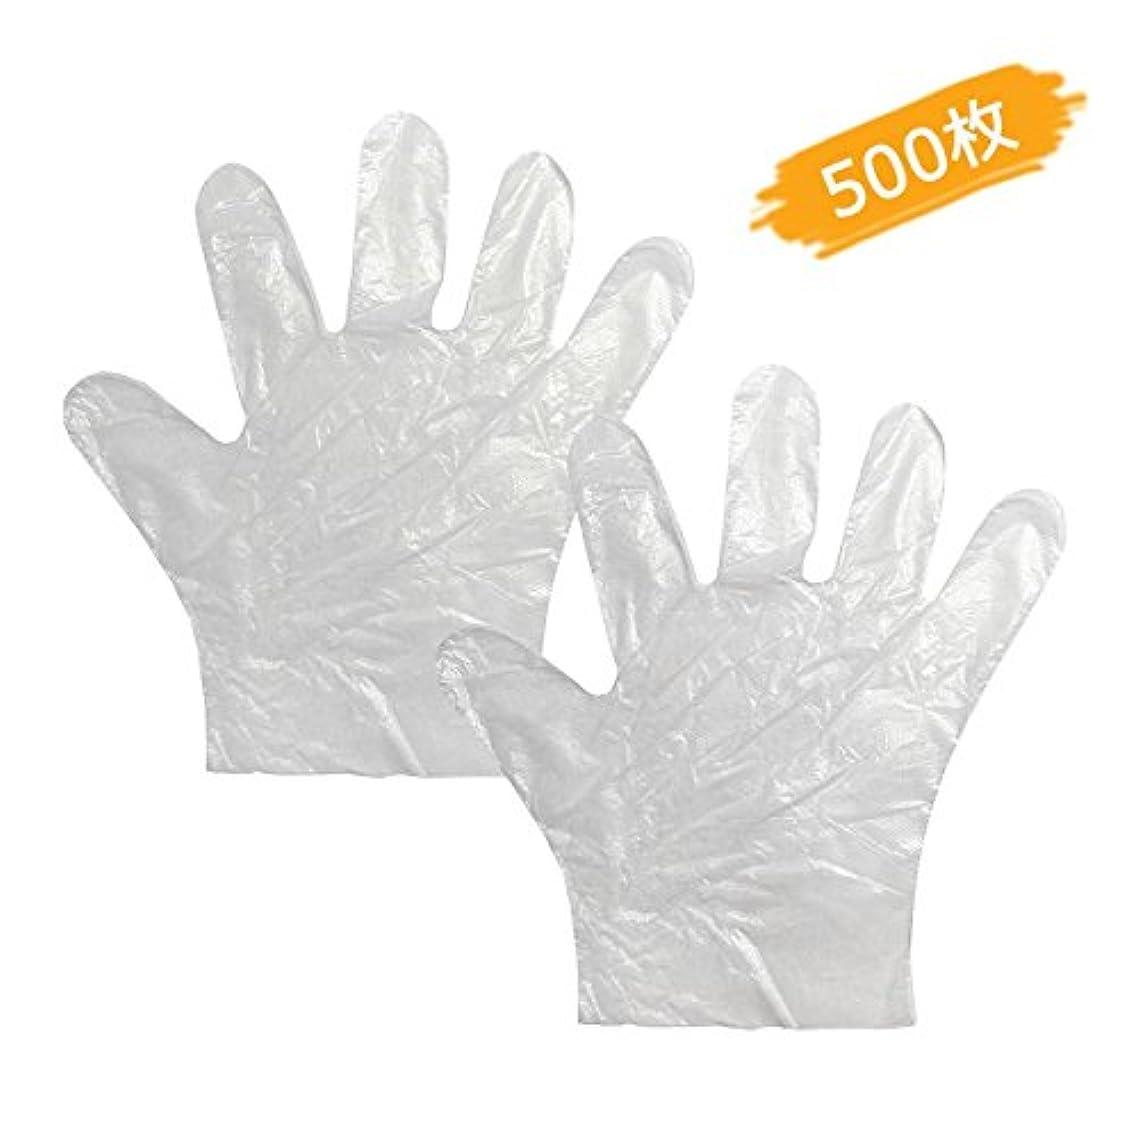 キロメートル下位知る使い捨て手袋 プラスティック手袋 極薄ビニール手袋 調理 透明 実用 500枚入